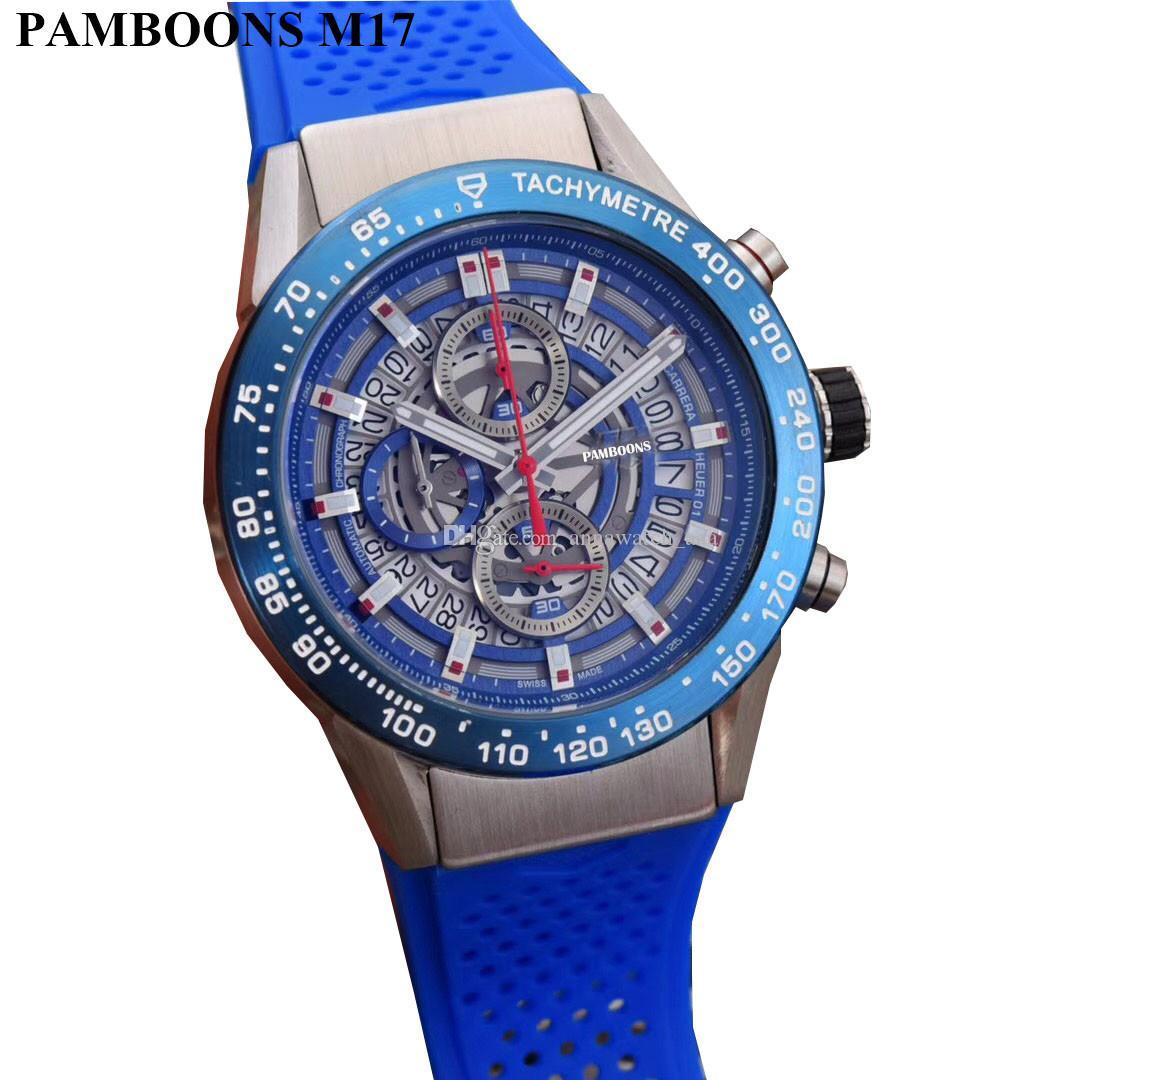 6c8928abdee Compre Nova Moda De Luxo Da Marca Relógio Suíço Relógio De Couro Automático  Dos Homens Relógio De Pulso Dos Homens De Aço Mecânico Relógios Relogio ...